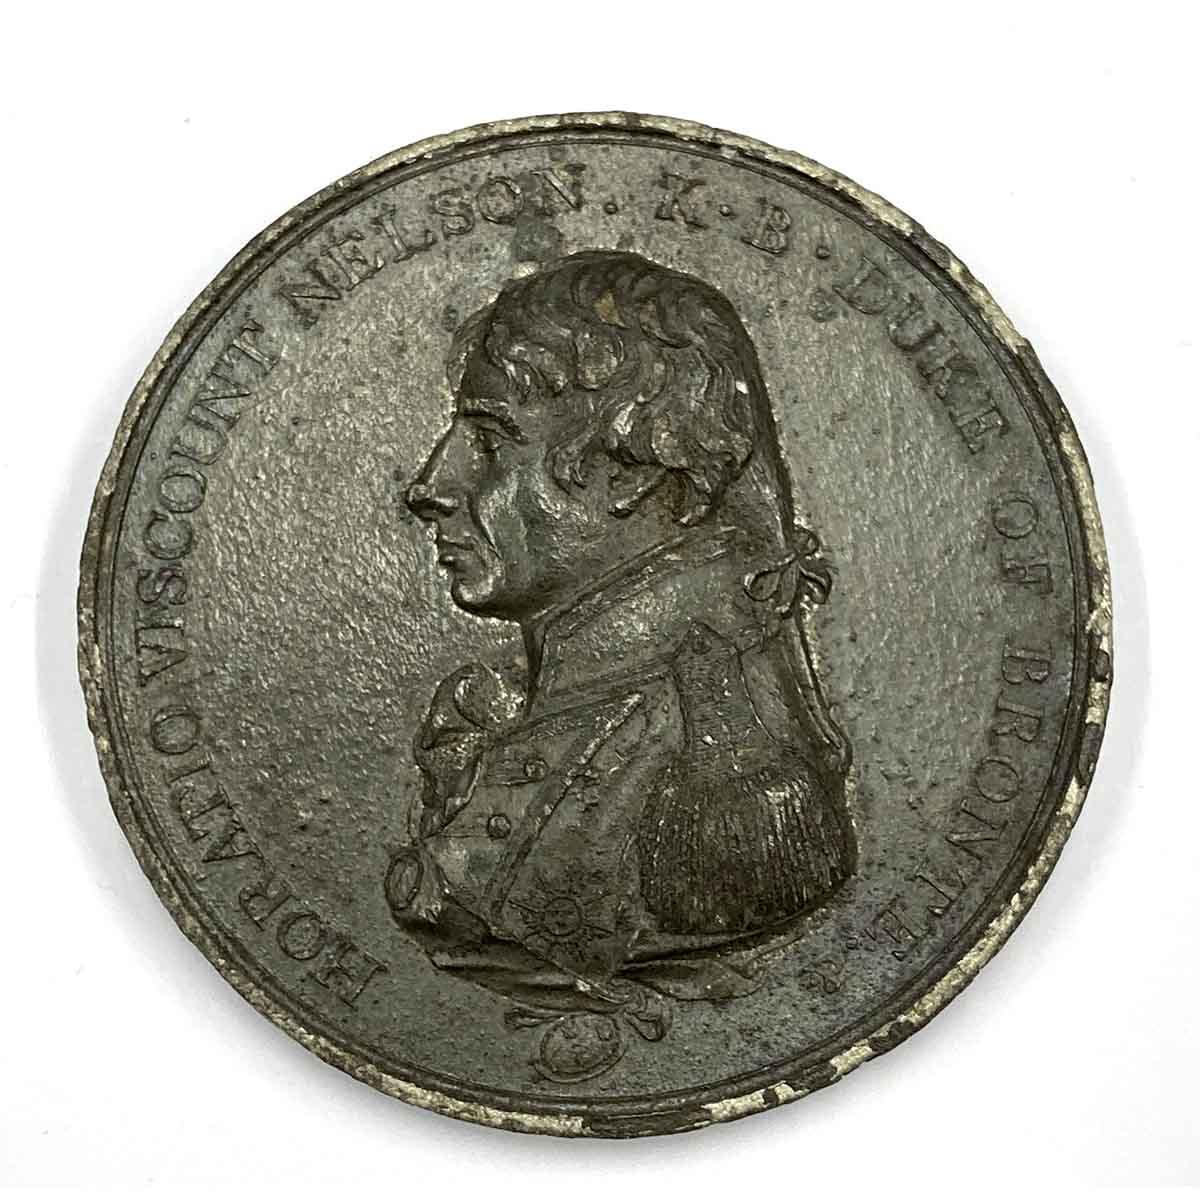 Boulton Trafalgar Medal 1805 1